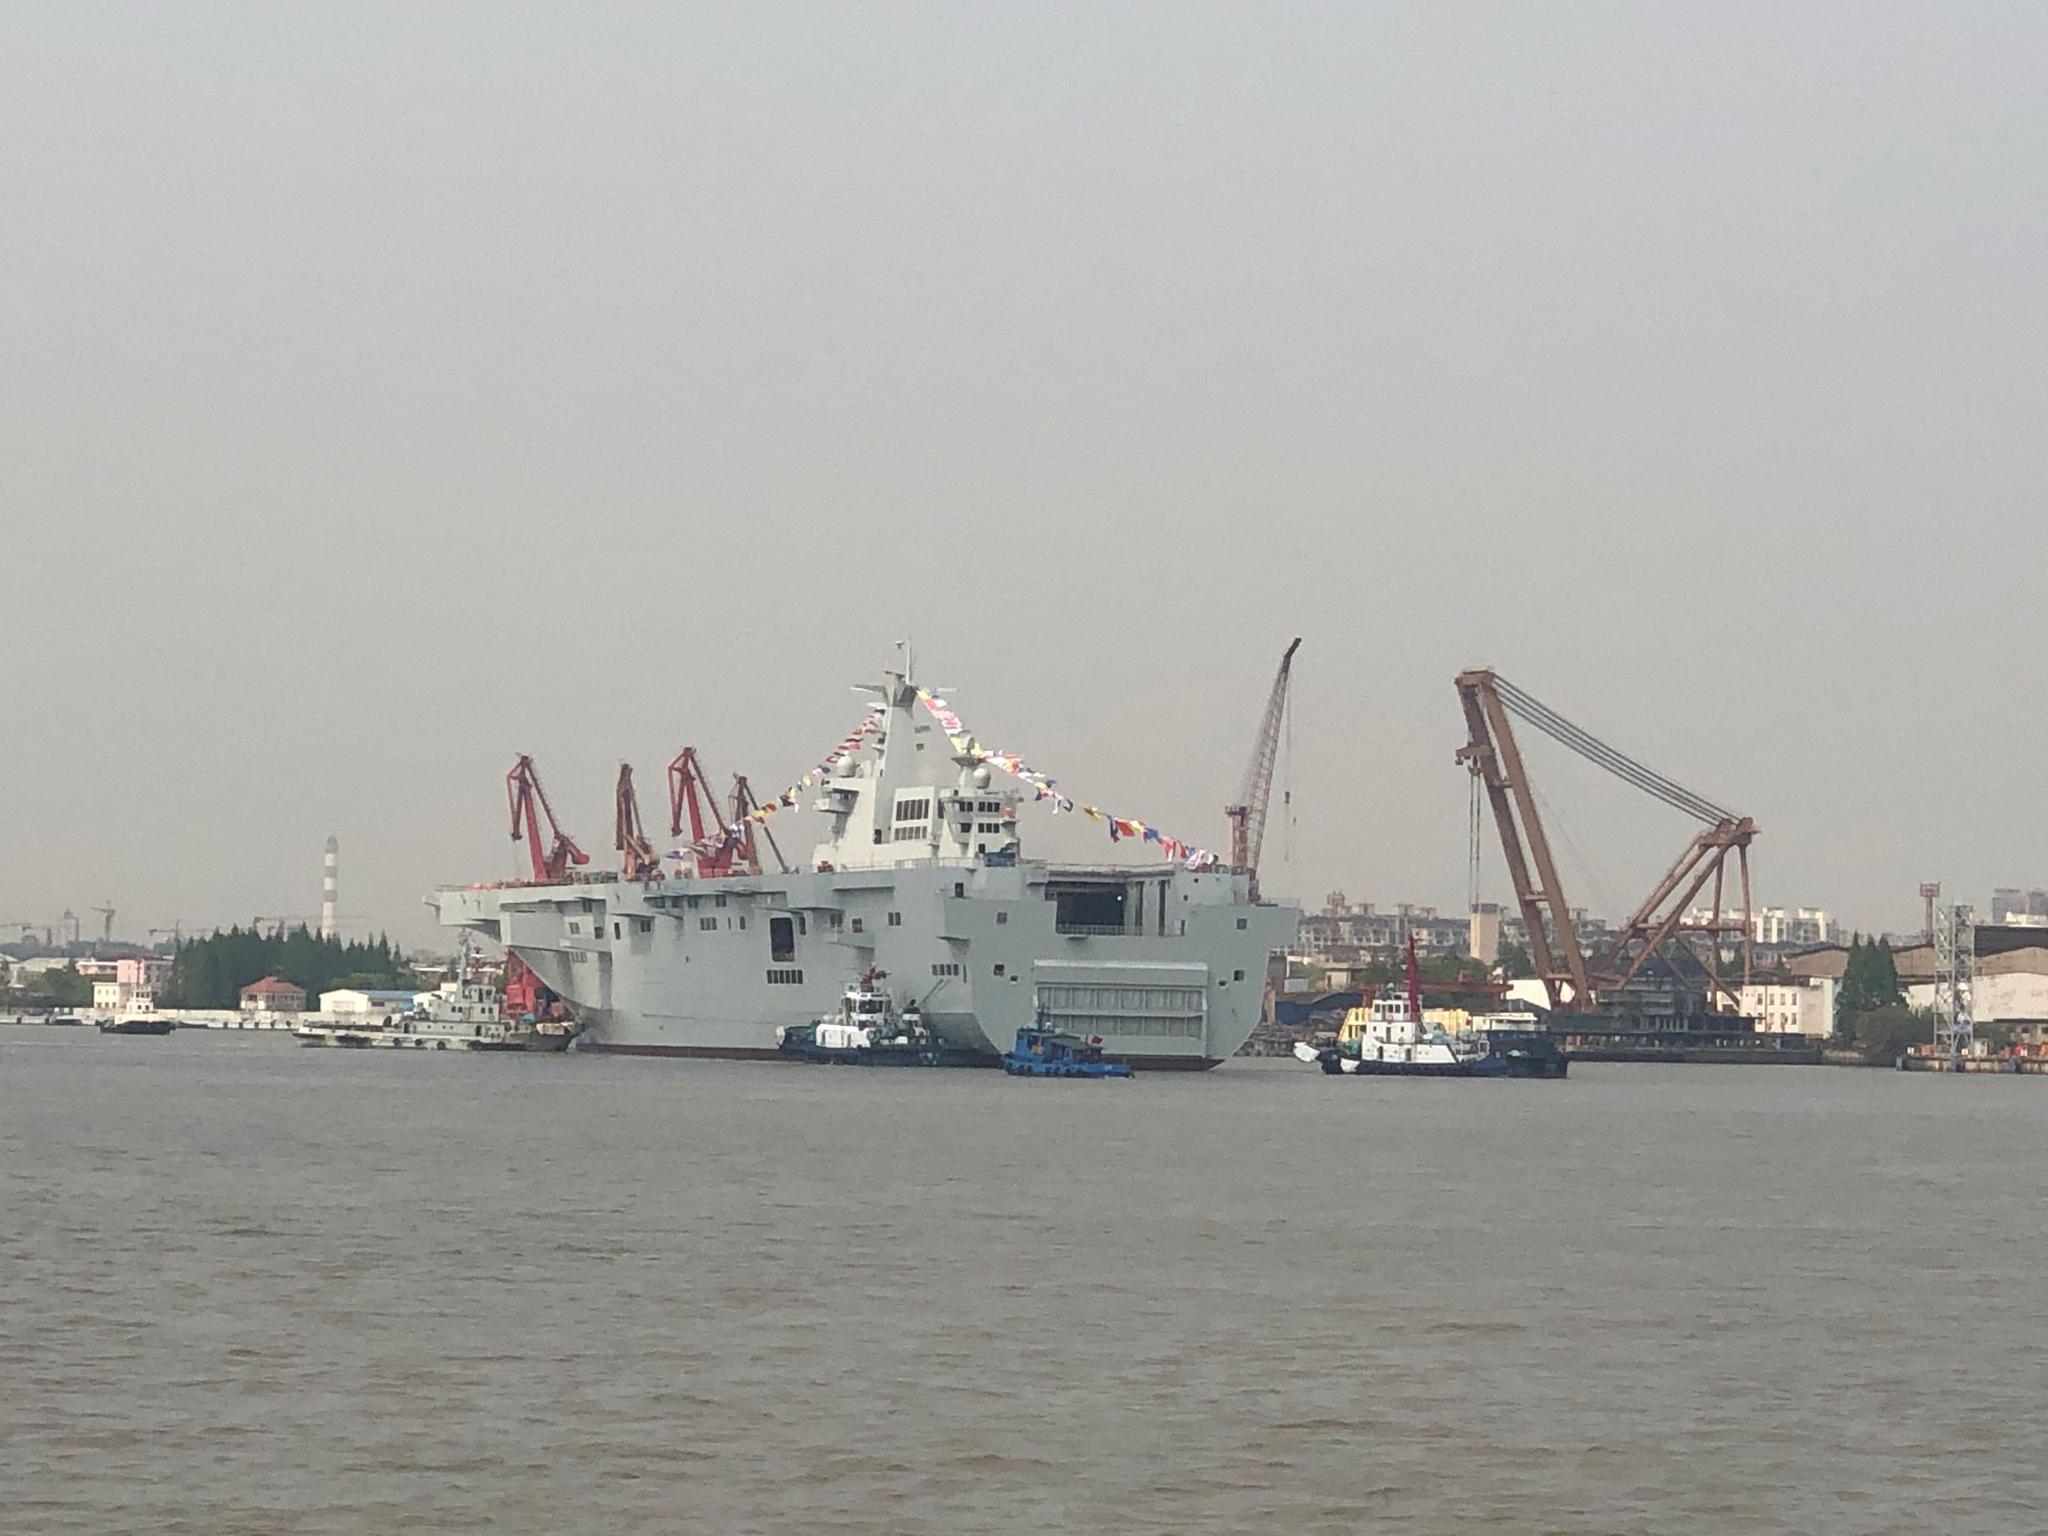 冲过狂风骤雨,驰遍万里海域。好汉的中国水兵,海洋就是故乡。——中国人民海军之歌,刘华清作词、吕远作曲